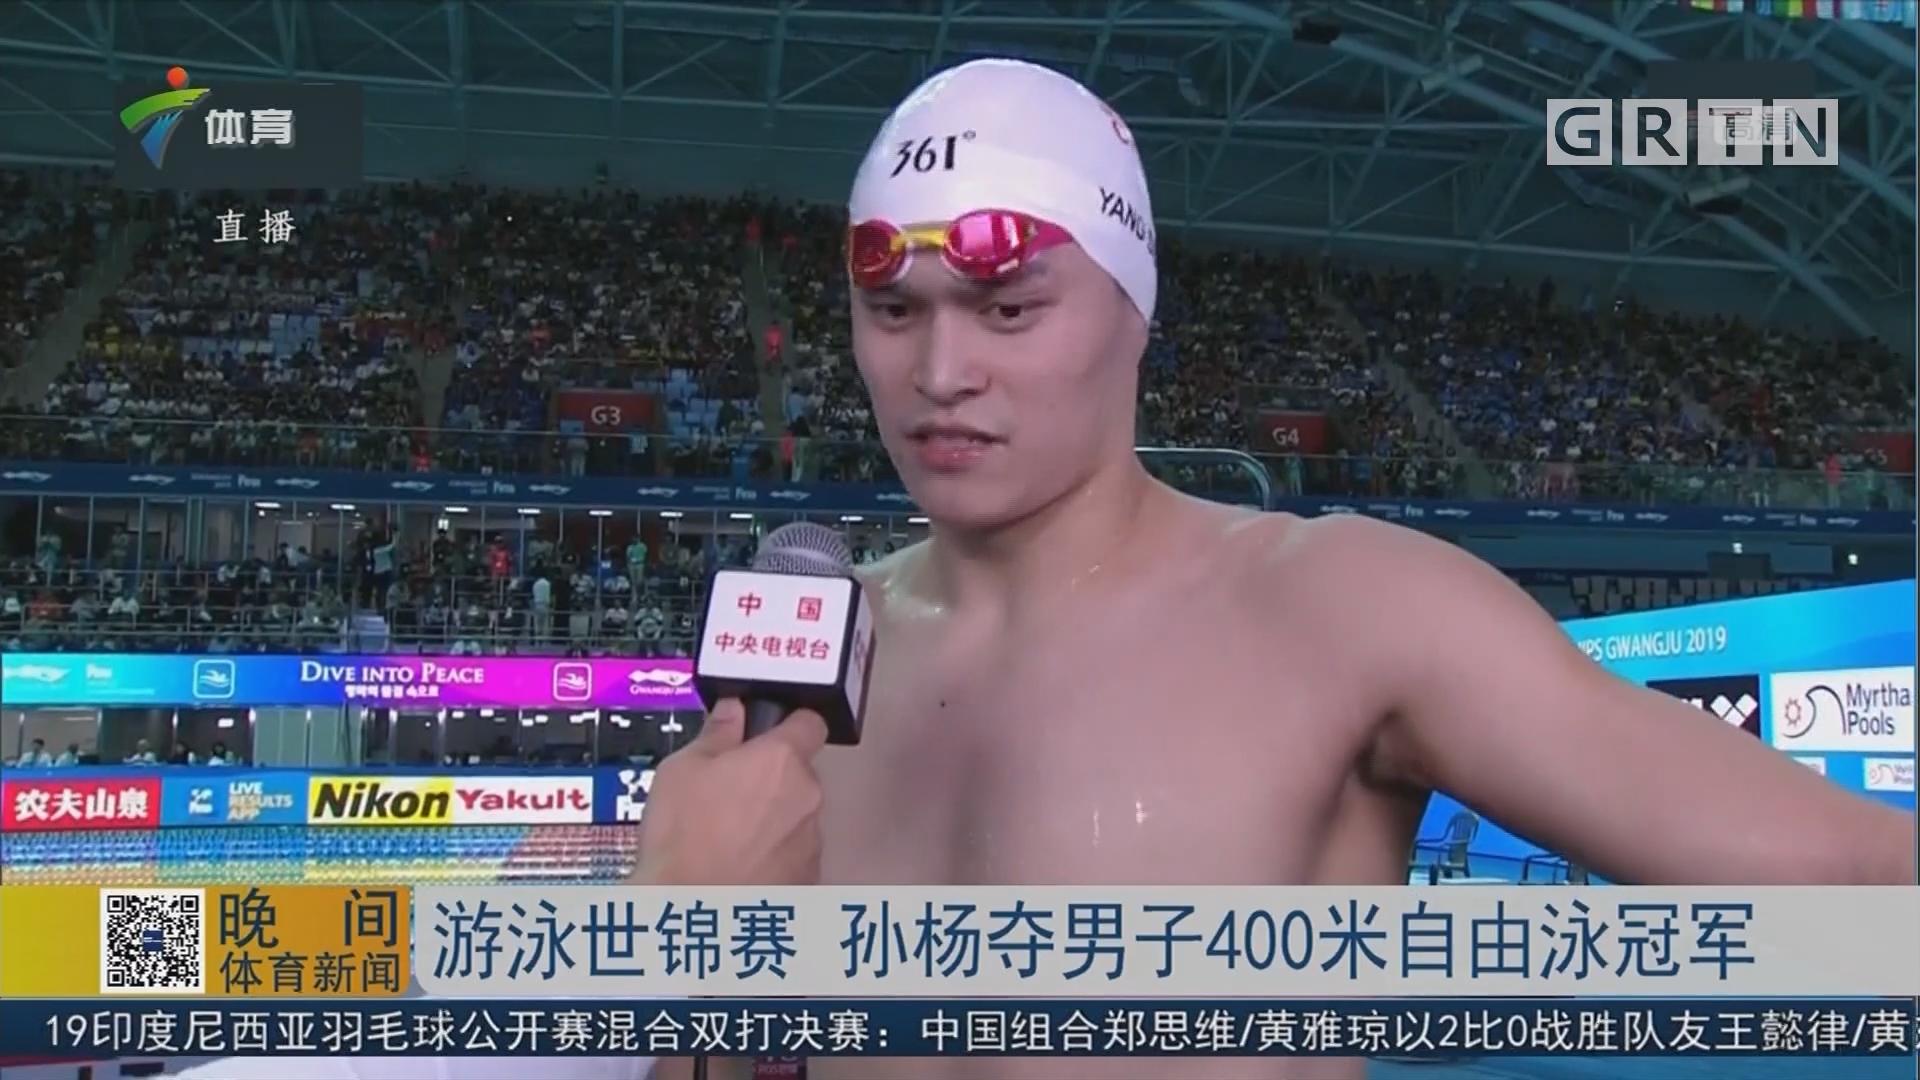 游泳世锦赛 孙杨夺男子400米自由泳冠军